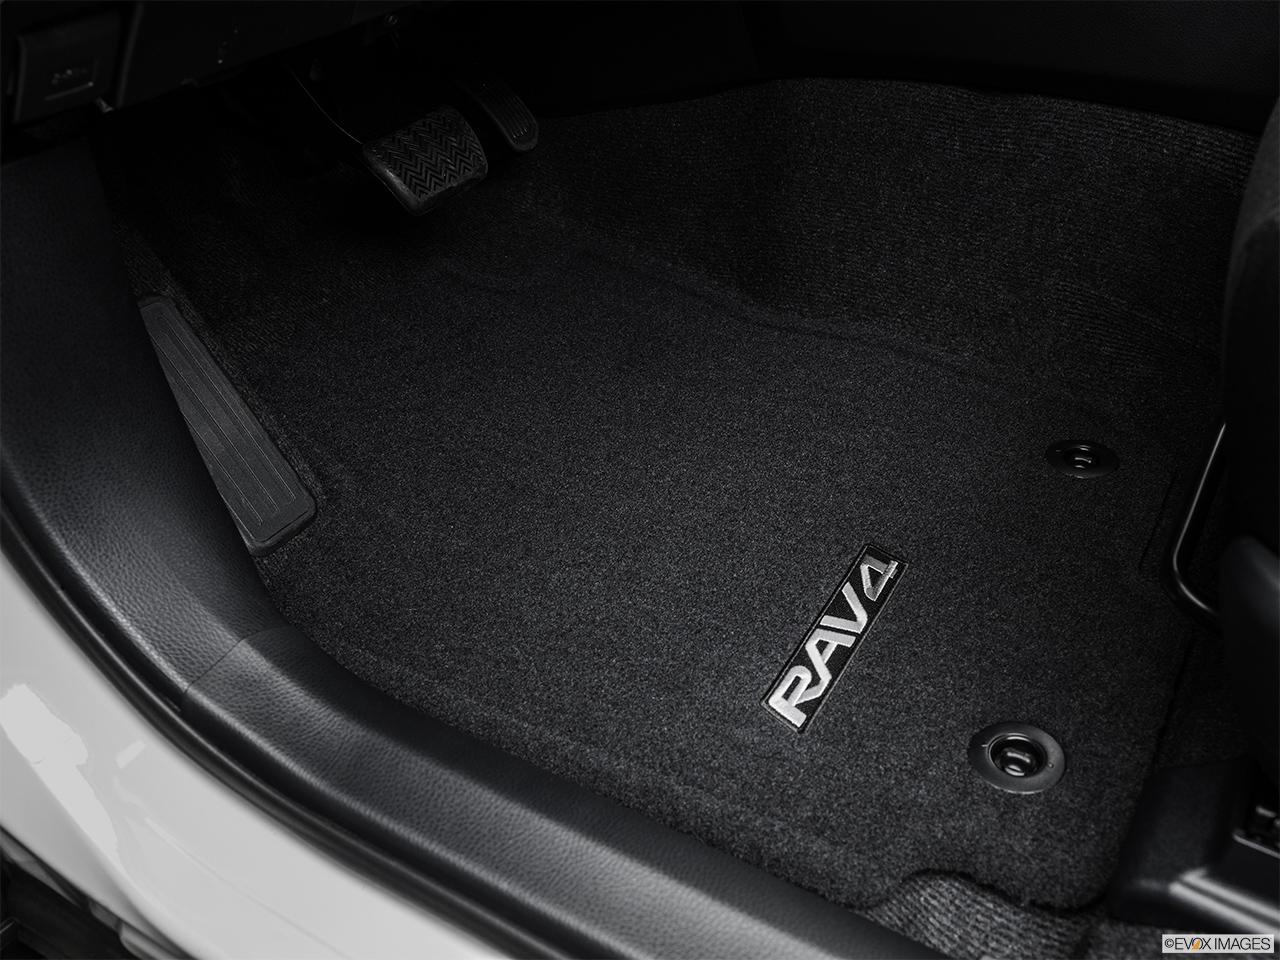 2015 Toyota Rav4 Fwd 4 Door Xle Se Driver S Floor Mat